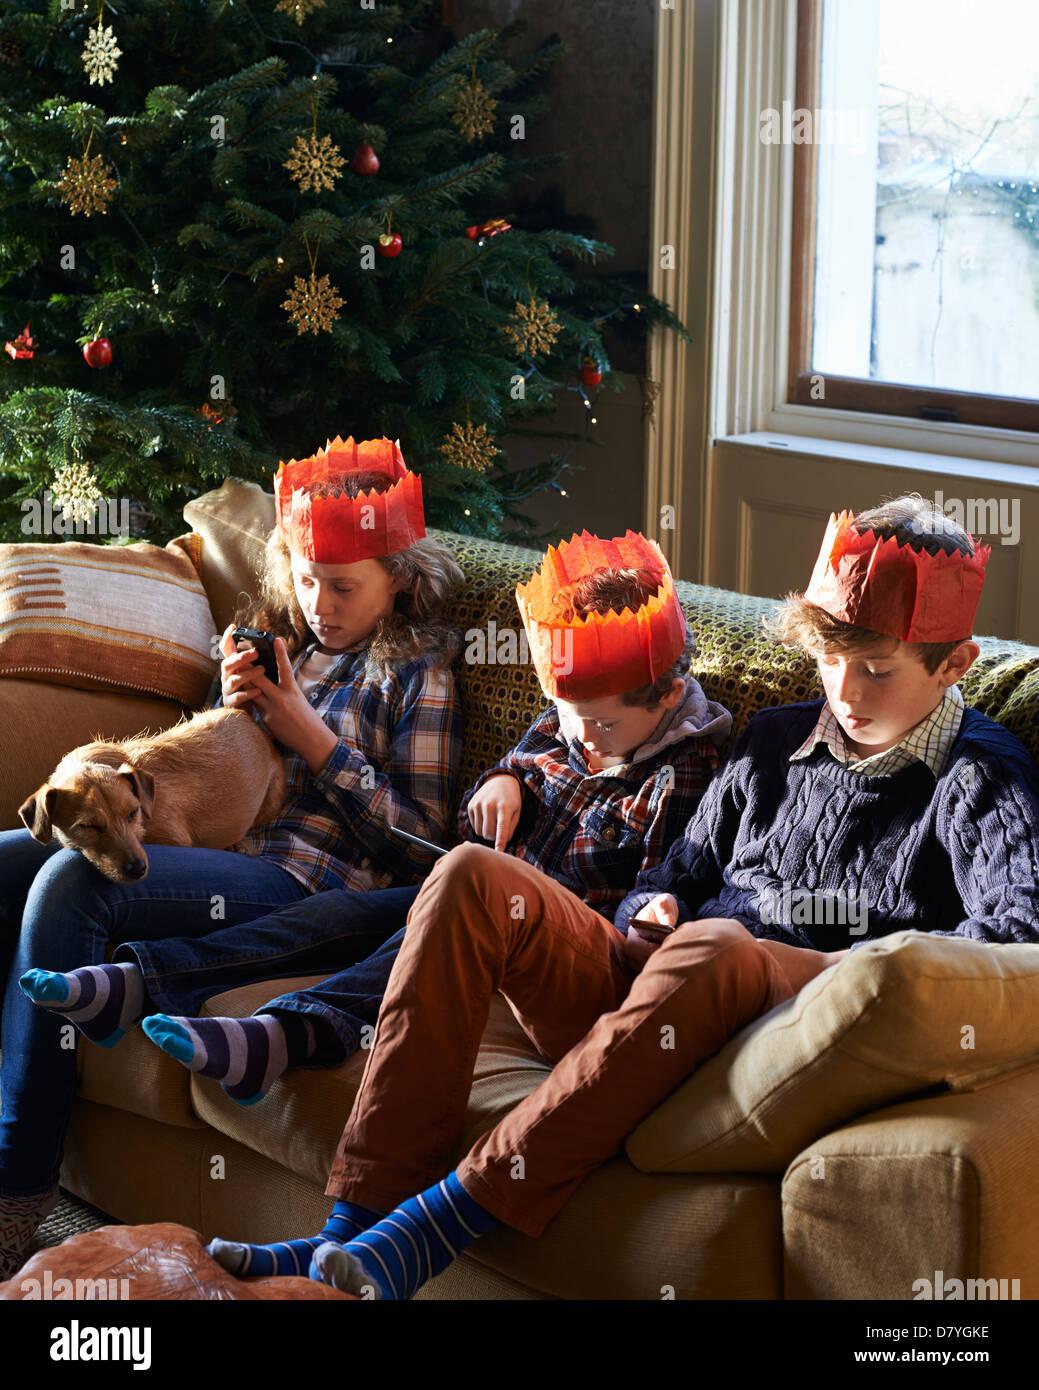 Los niños en coronas de papel relajante en el sofá Imagen De Stock